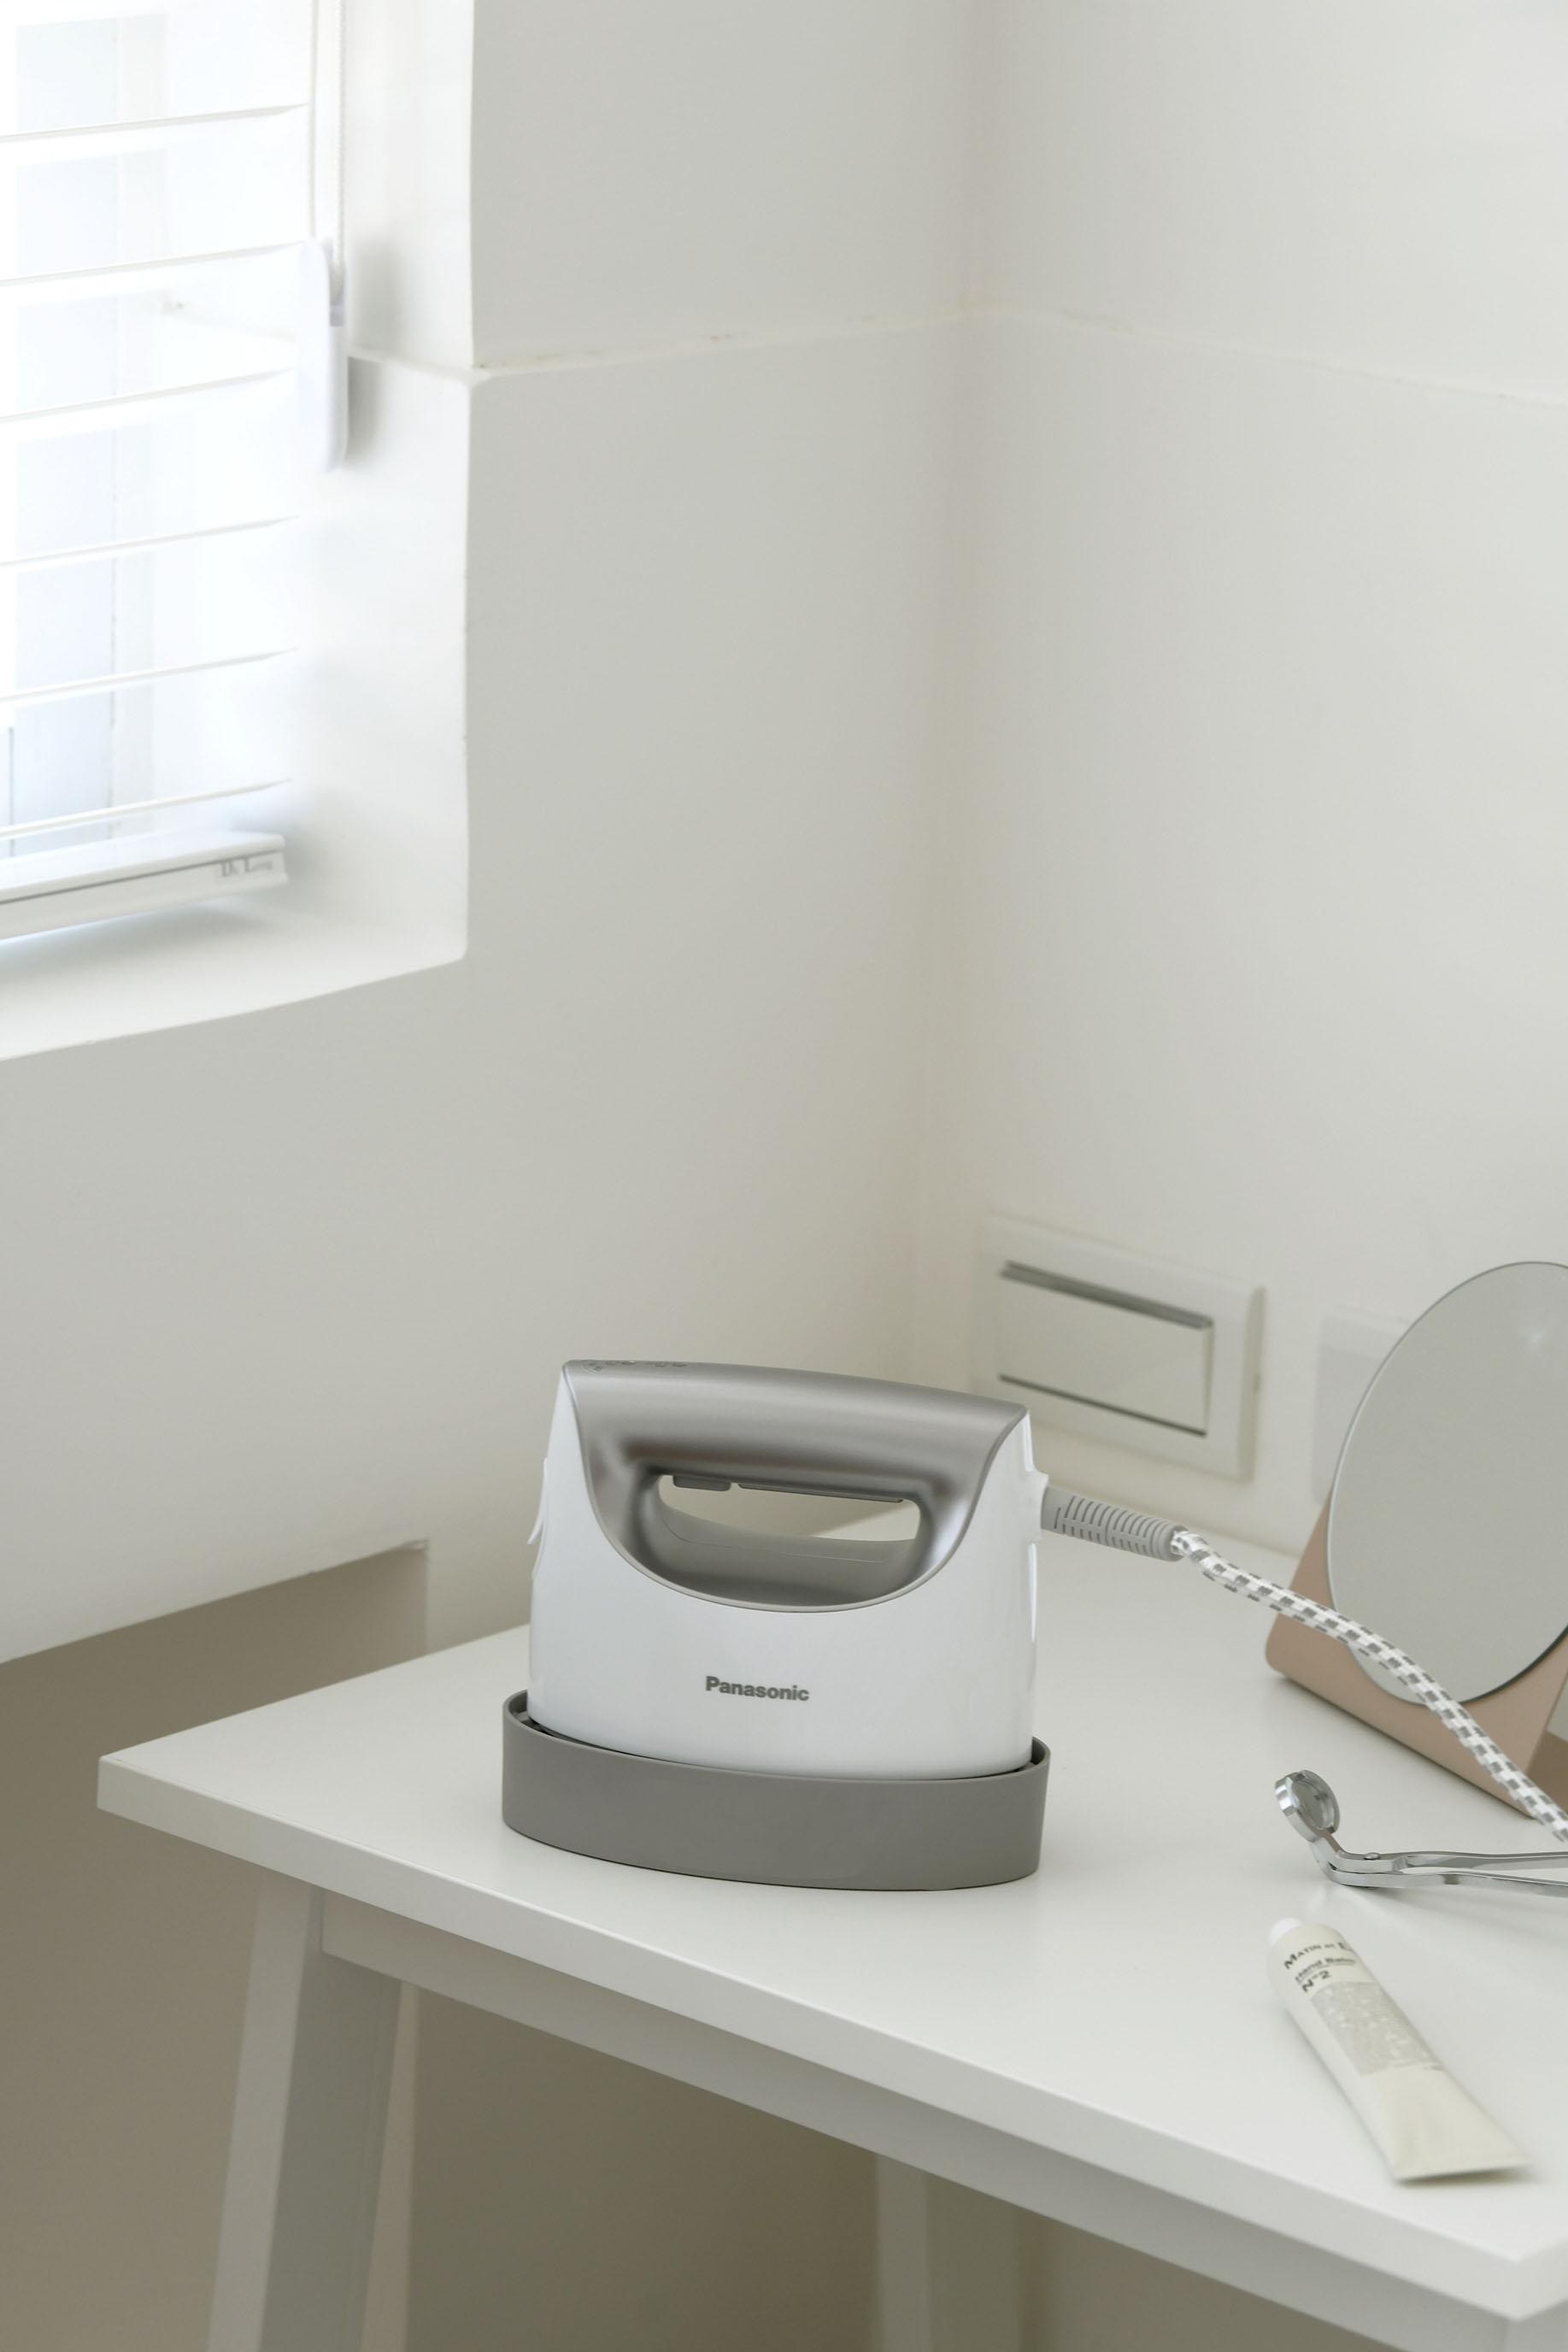 給忙碌又懶惰的日常,一個從容又體面的步調|Panasonic 2in1 蒸氣電熨斗 NI-FS750